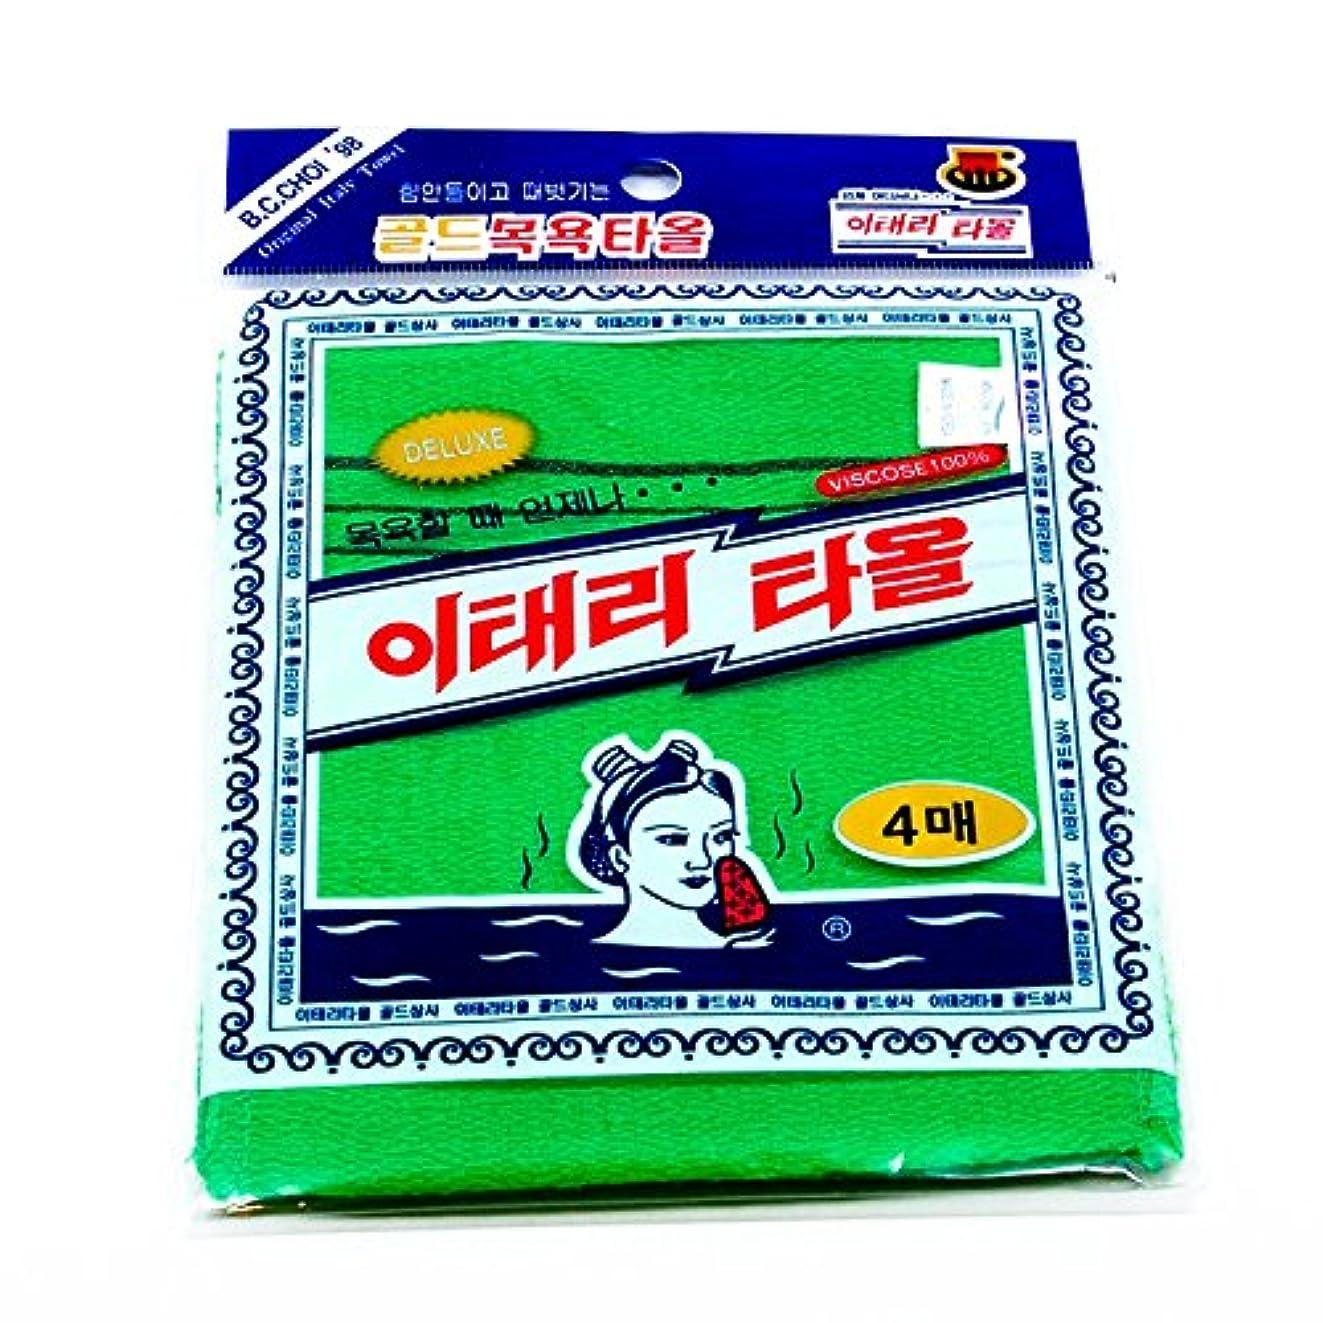 できれば関係ベーコン韓国式 あかすり タオル/Korean Exfoliating Bath Shower Towel/Body Scrubs - Made in Korea (Green) - 4Pcs [並行輸入品]